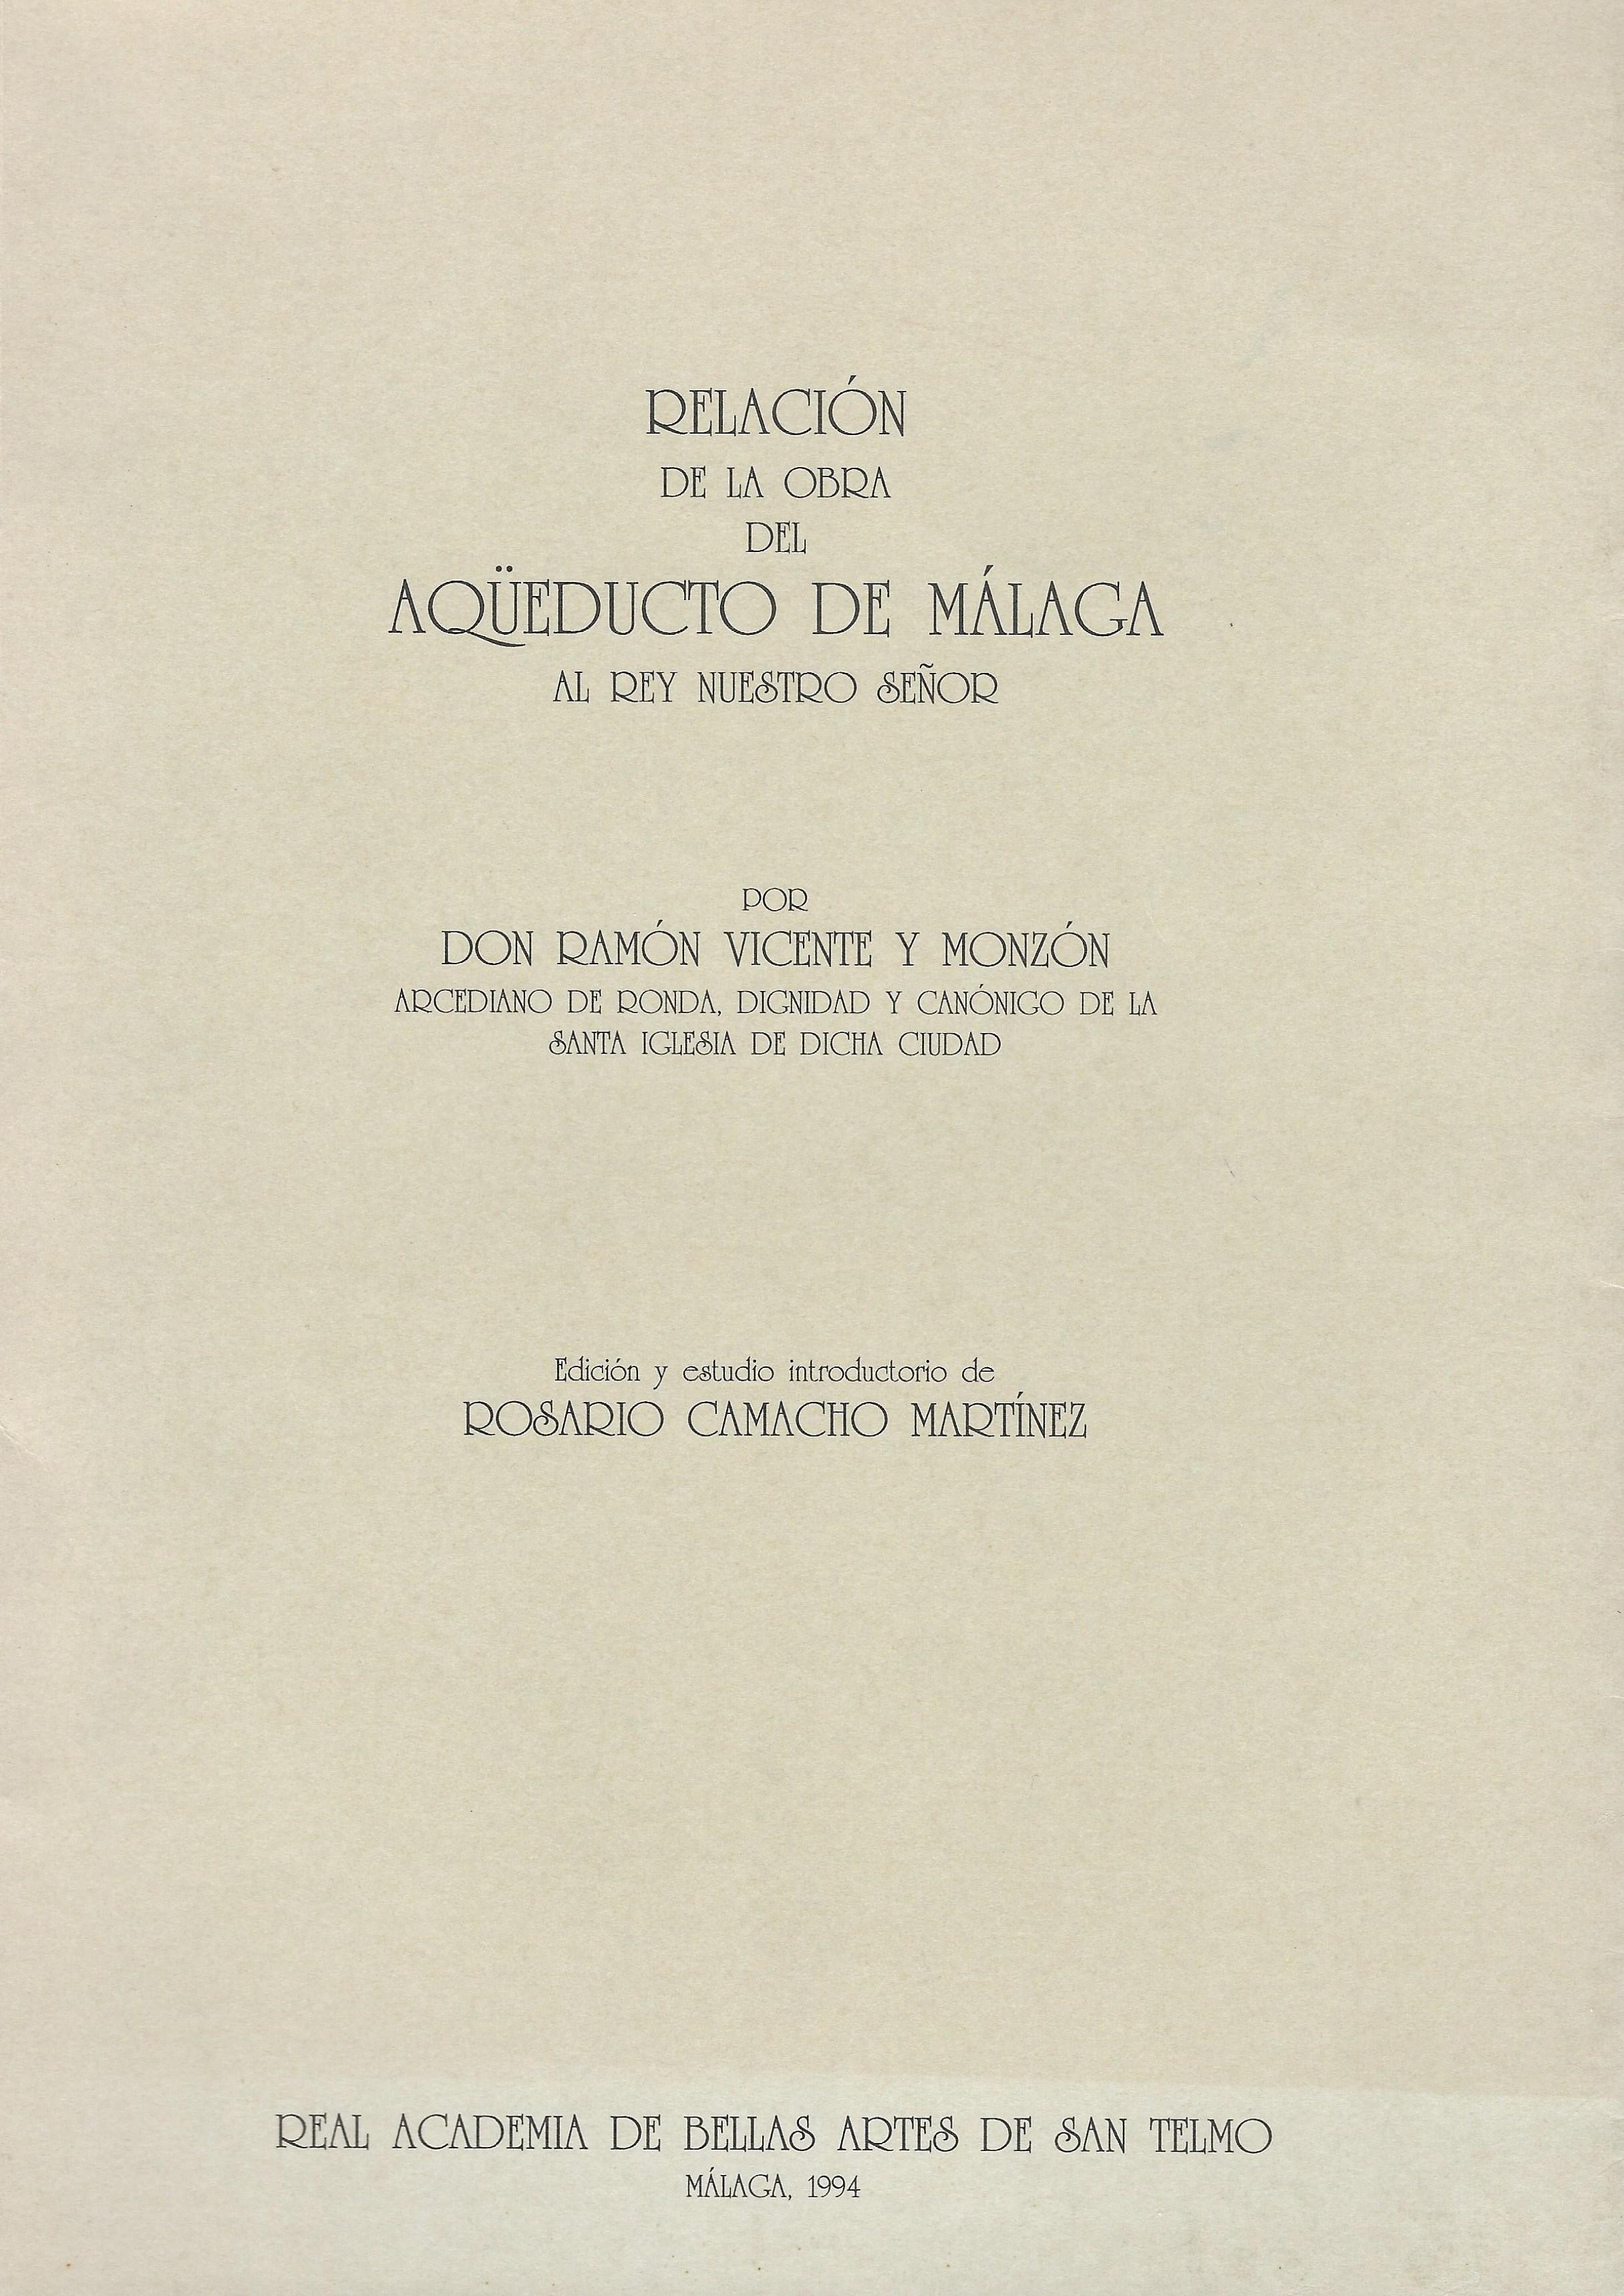 Relación de la obra del Aqüeducto de Málaga